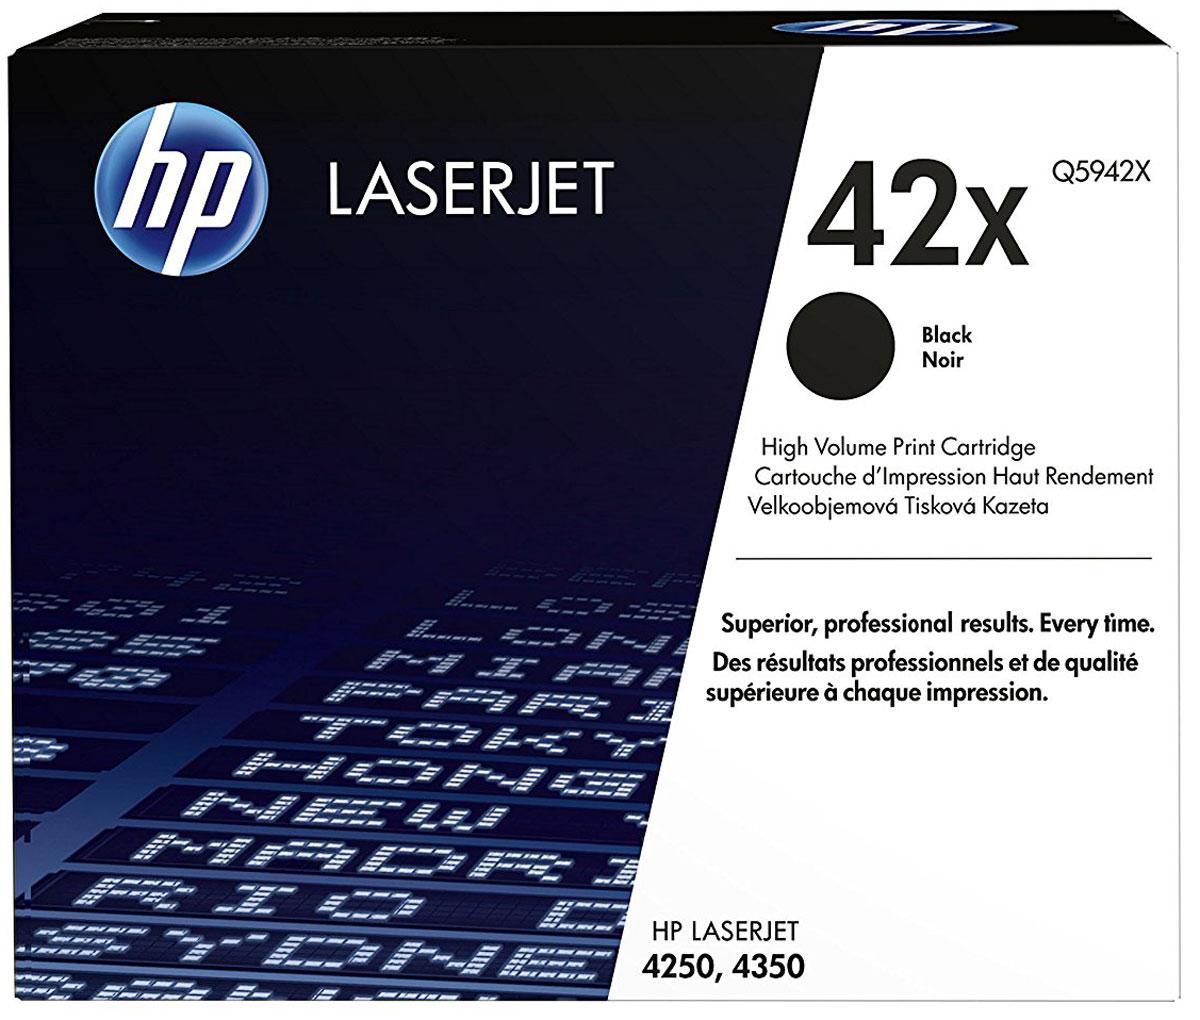 HP Q5942X (42A), Black тонер-картридж для LaserJet 4250/4350Q5942XКартриджи HP Q5942X (42A) обеспечивает бесперебойную печать. Оригинальные картриджи HP с оригинальным тонером HP гарантируют качественное выполнение задач печати в офисе. Добейтесь превосходного качества черно-белой печати для повседневных нужд. Это недорогое и производительное решение отлично подойдет для печати отчетов, счетов, таблиц и других повседневных документов. Конструкция оригинальных картриджей LaserJet и уникальная формула тонера HP гарантируют неизменно высокое качество печати на протяжении всего срока службы картриджа. Конструкция расходных материалов обеспечивает стабильные показатели ресурса при смене картриджа.